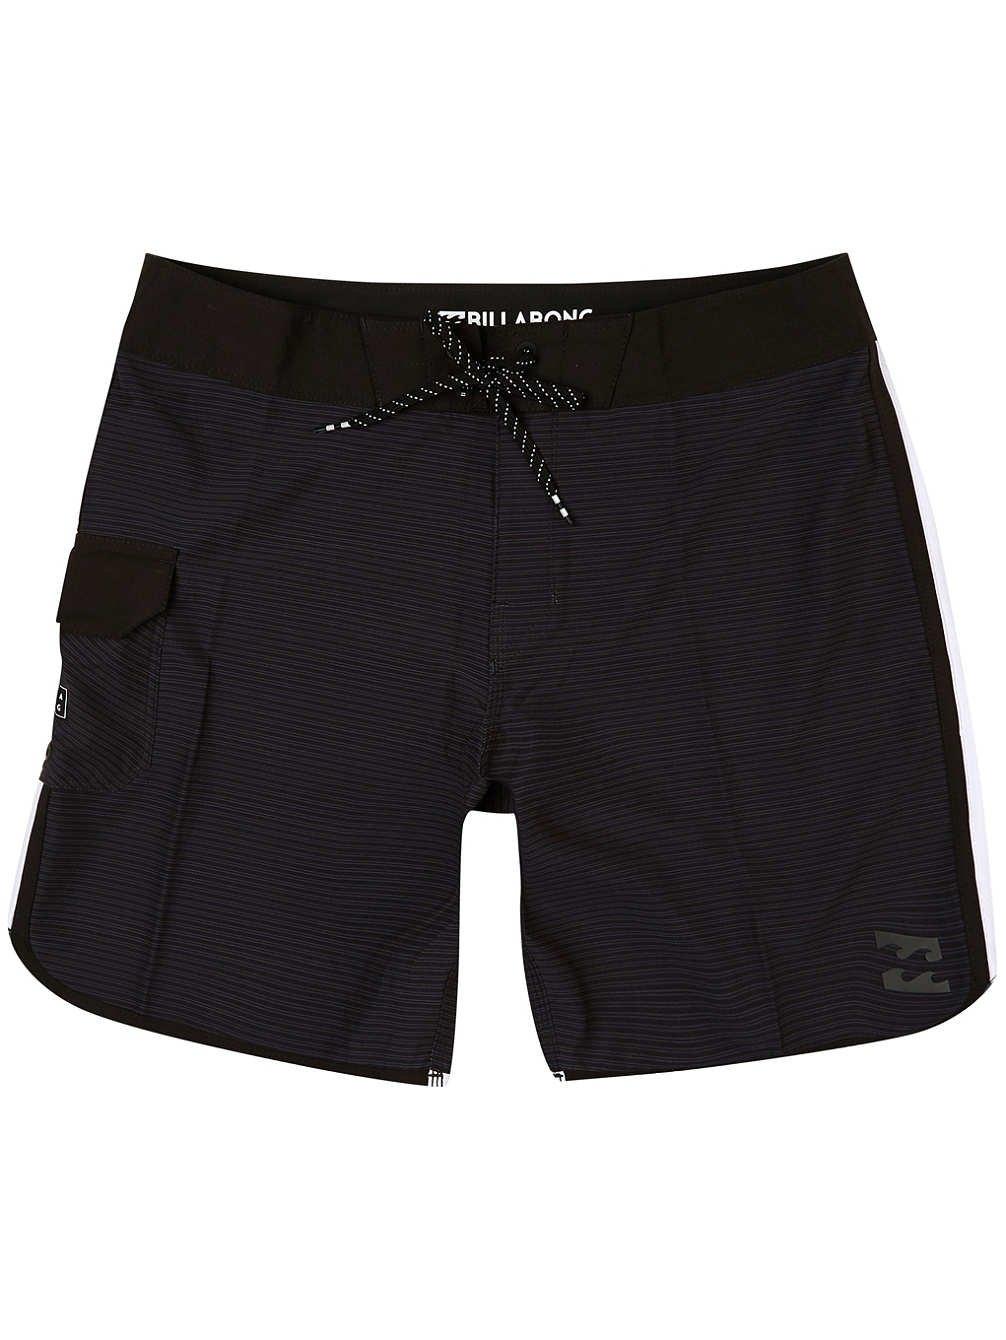 """BILLABONG Herren Boardshorts 73 X Short 17"""" Boardshorts"""